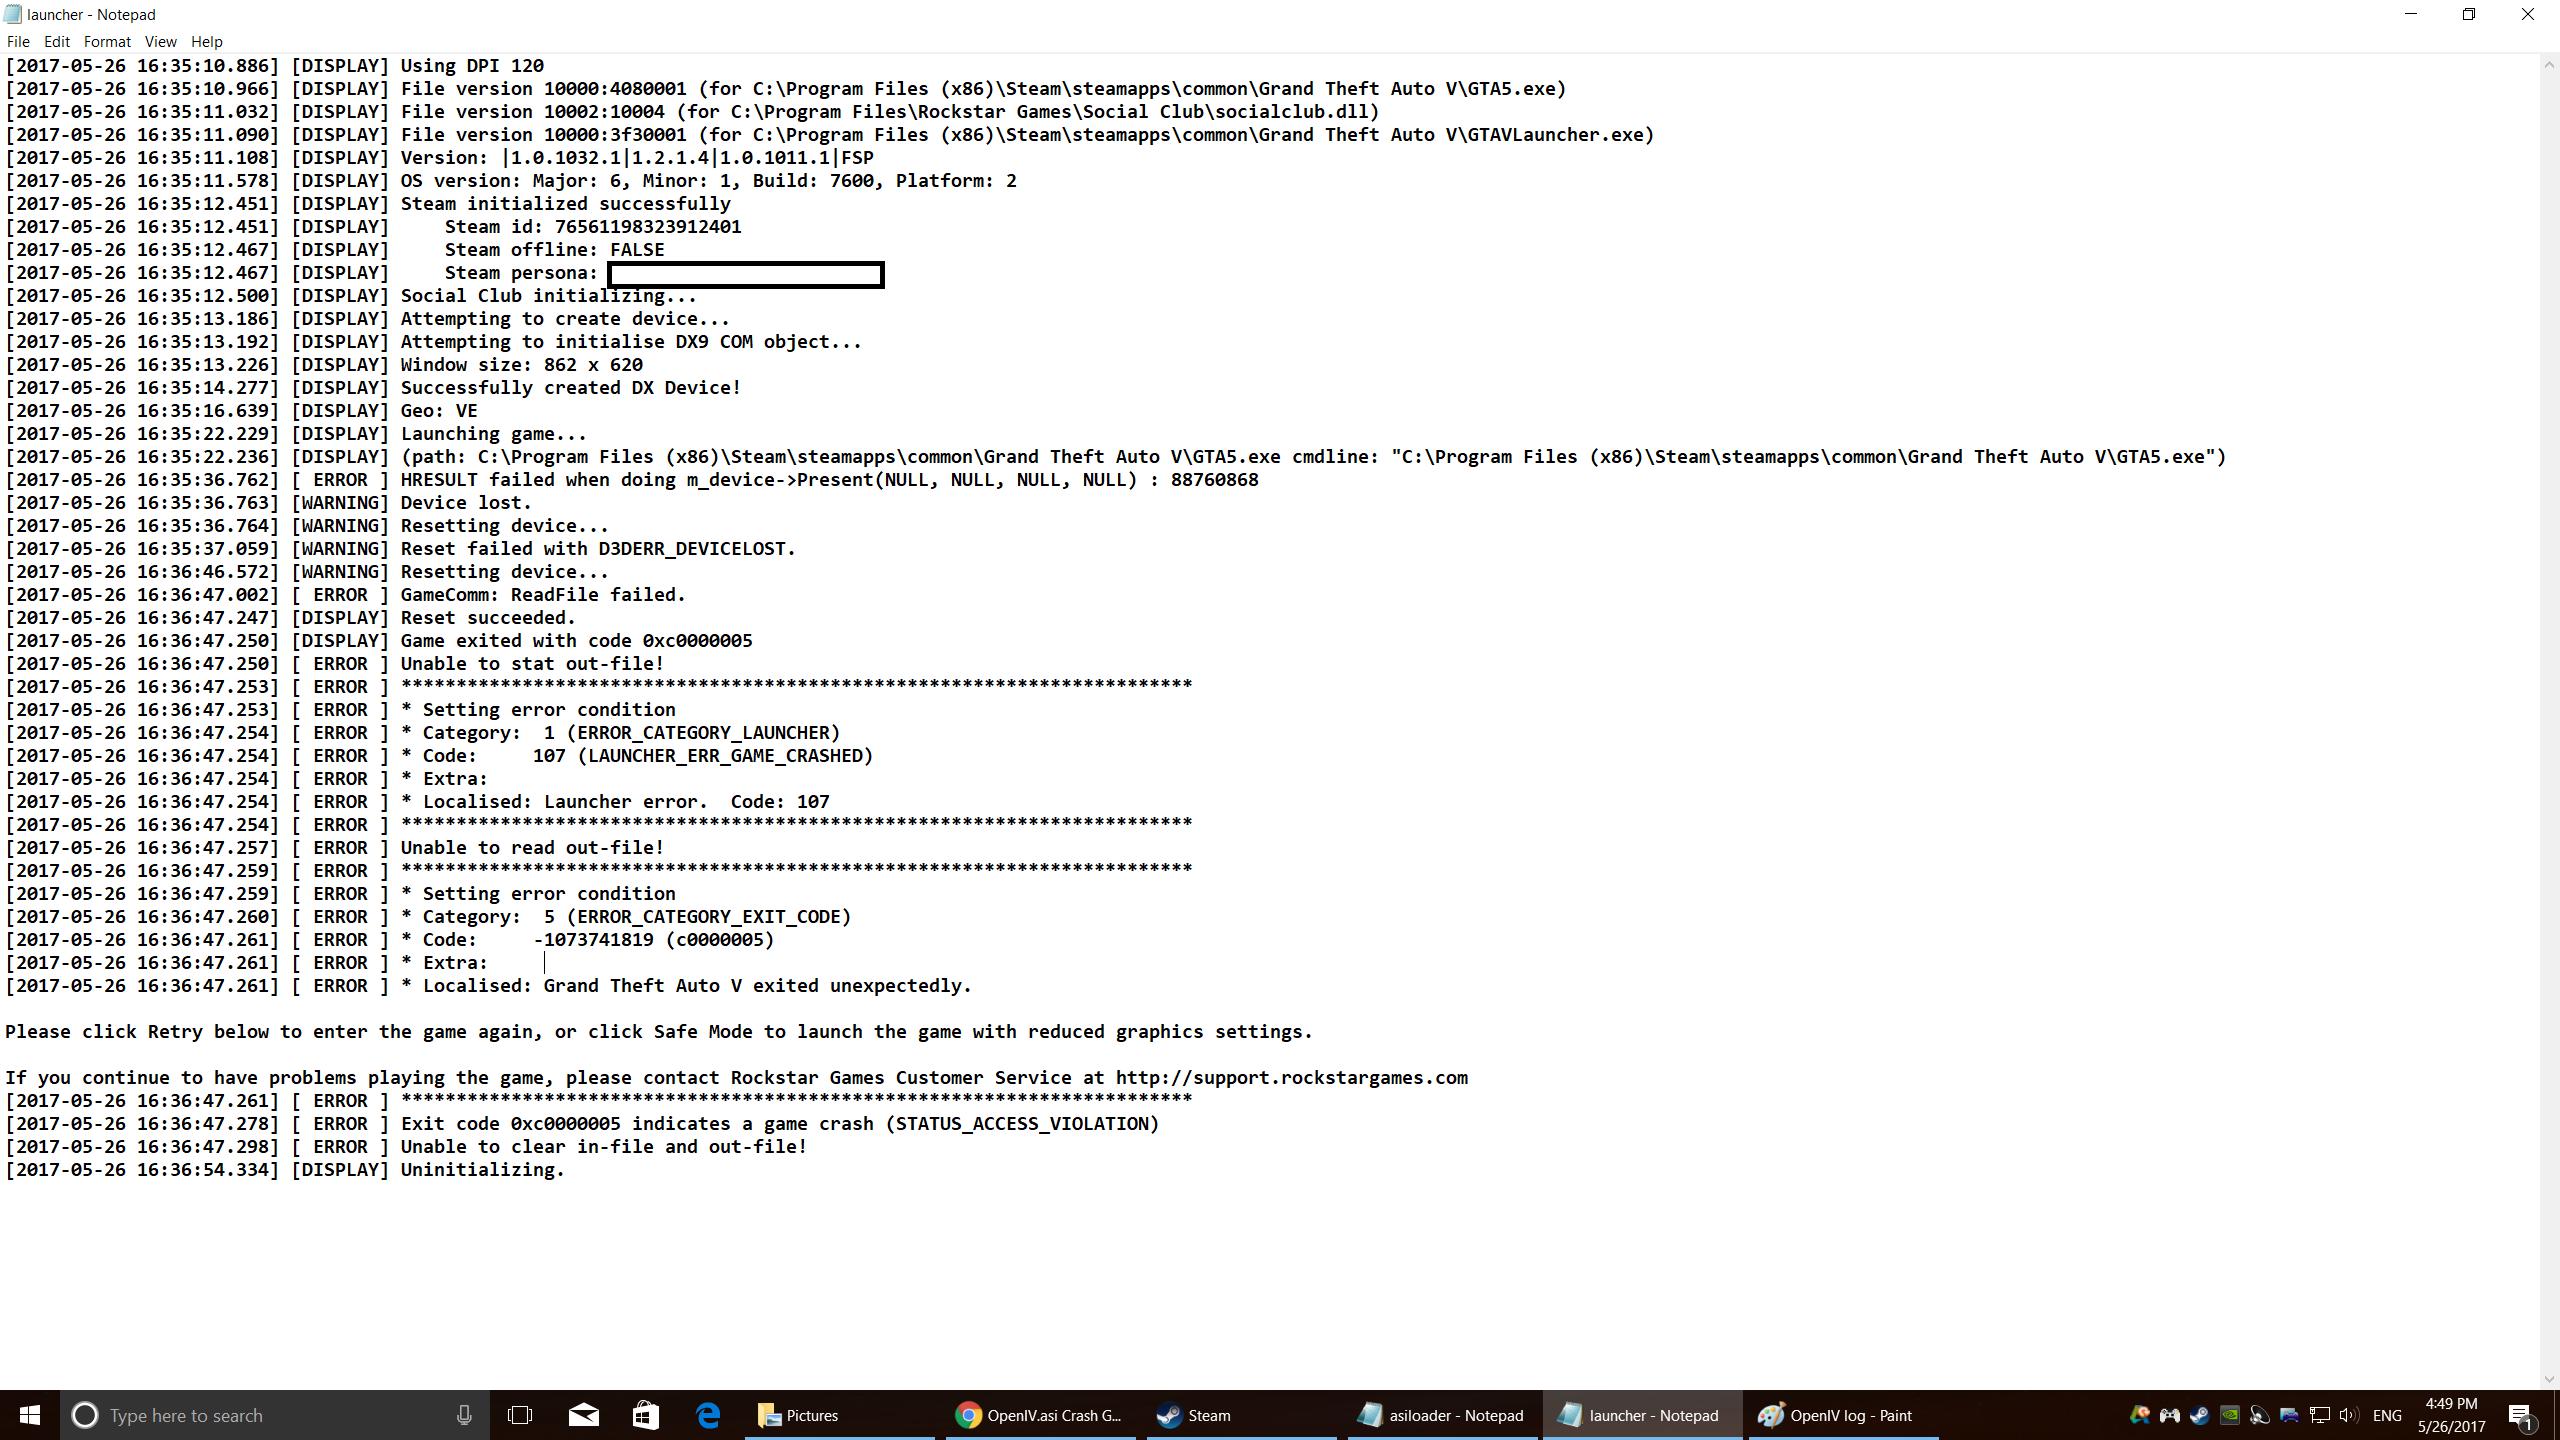 0_1495831785155_OpenIV log.png